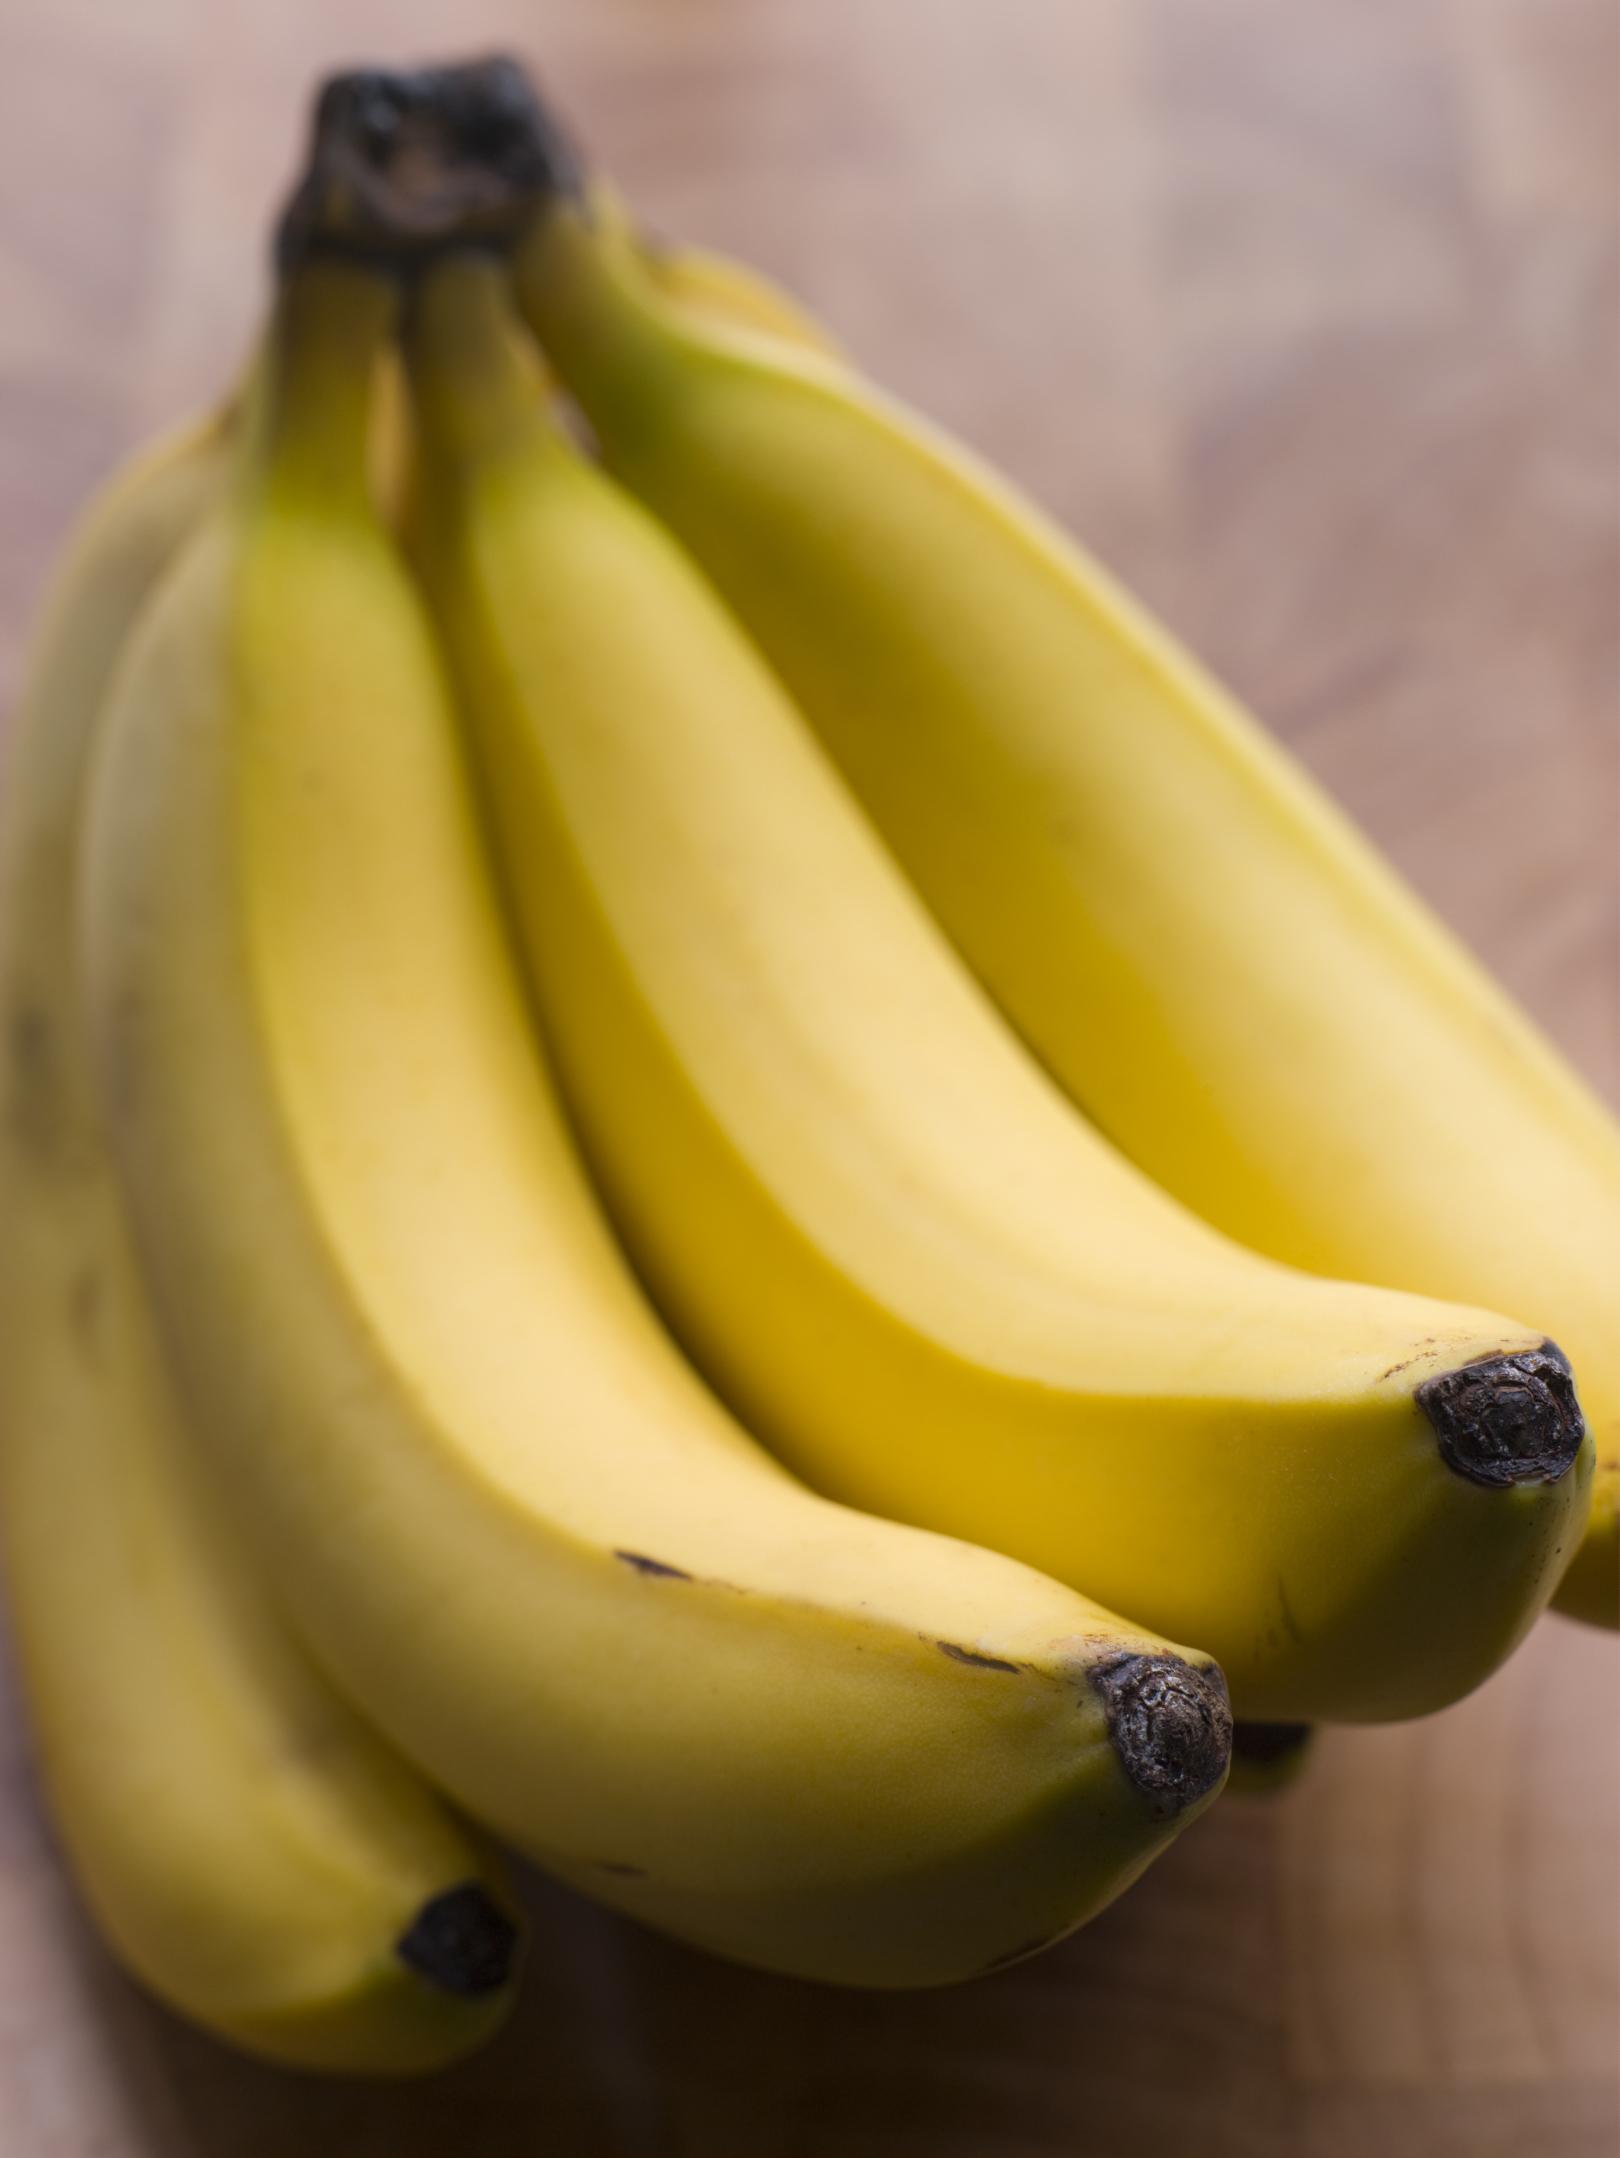 אפשר להקפיא. בננות (צילום: thinkstock)